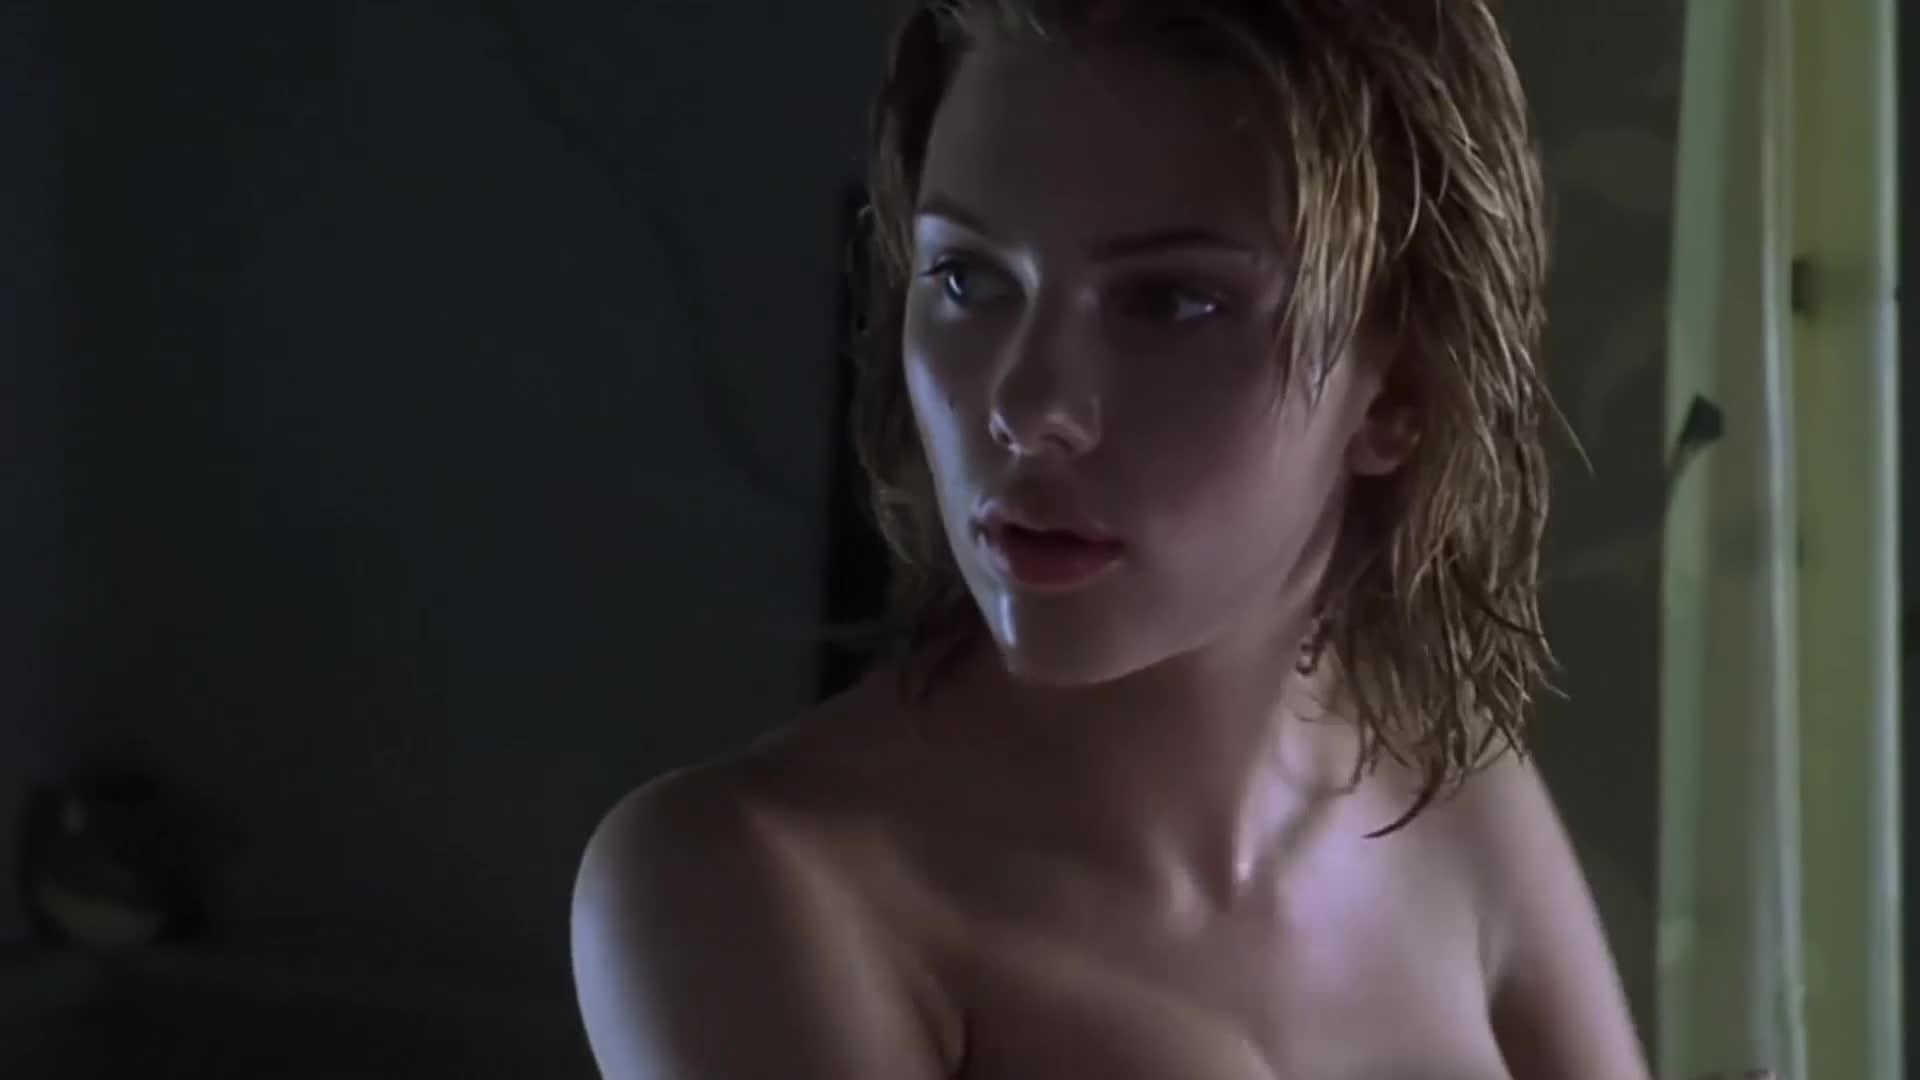 寡姐浴室洗澡,被男子闯进来看光,这身材金刚狼看了忍不住!